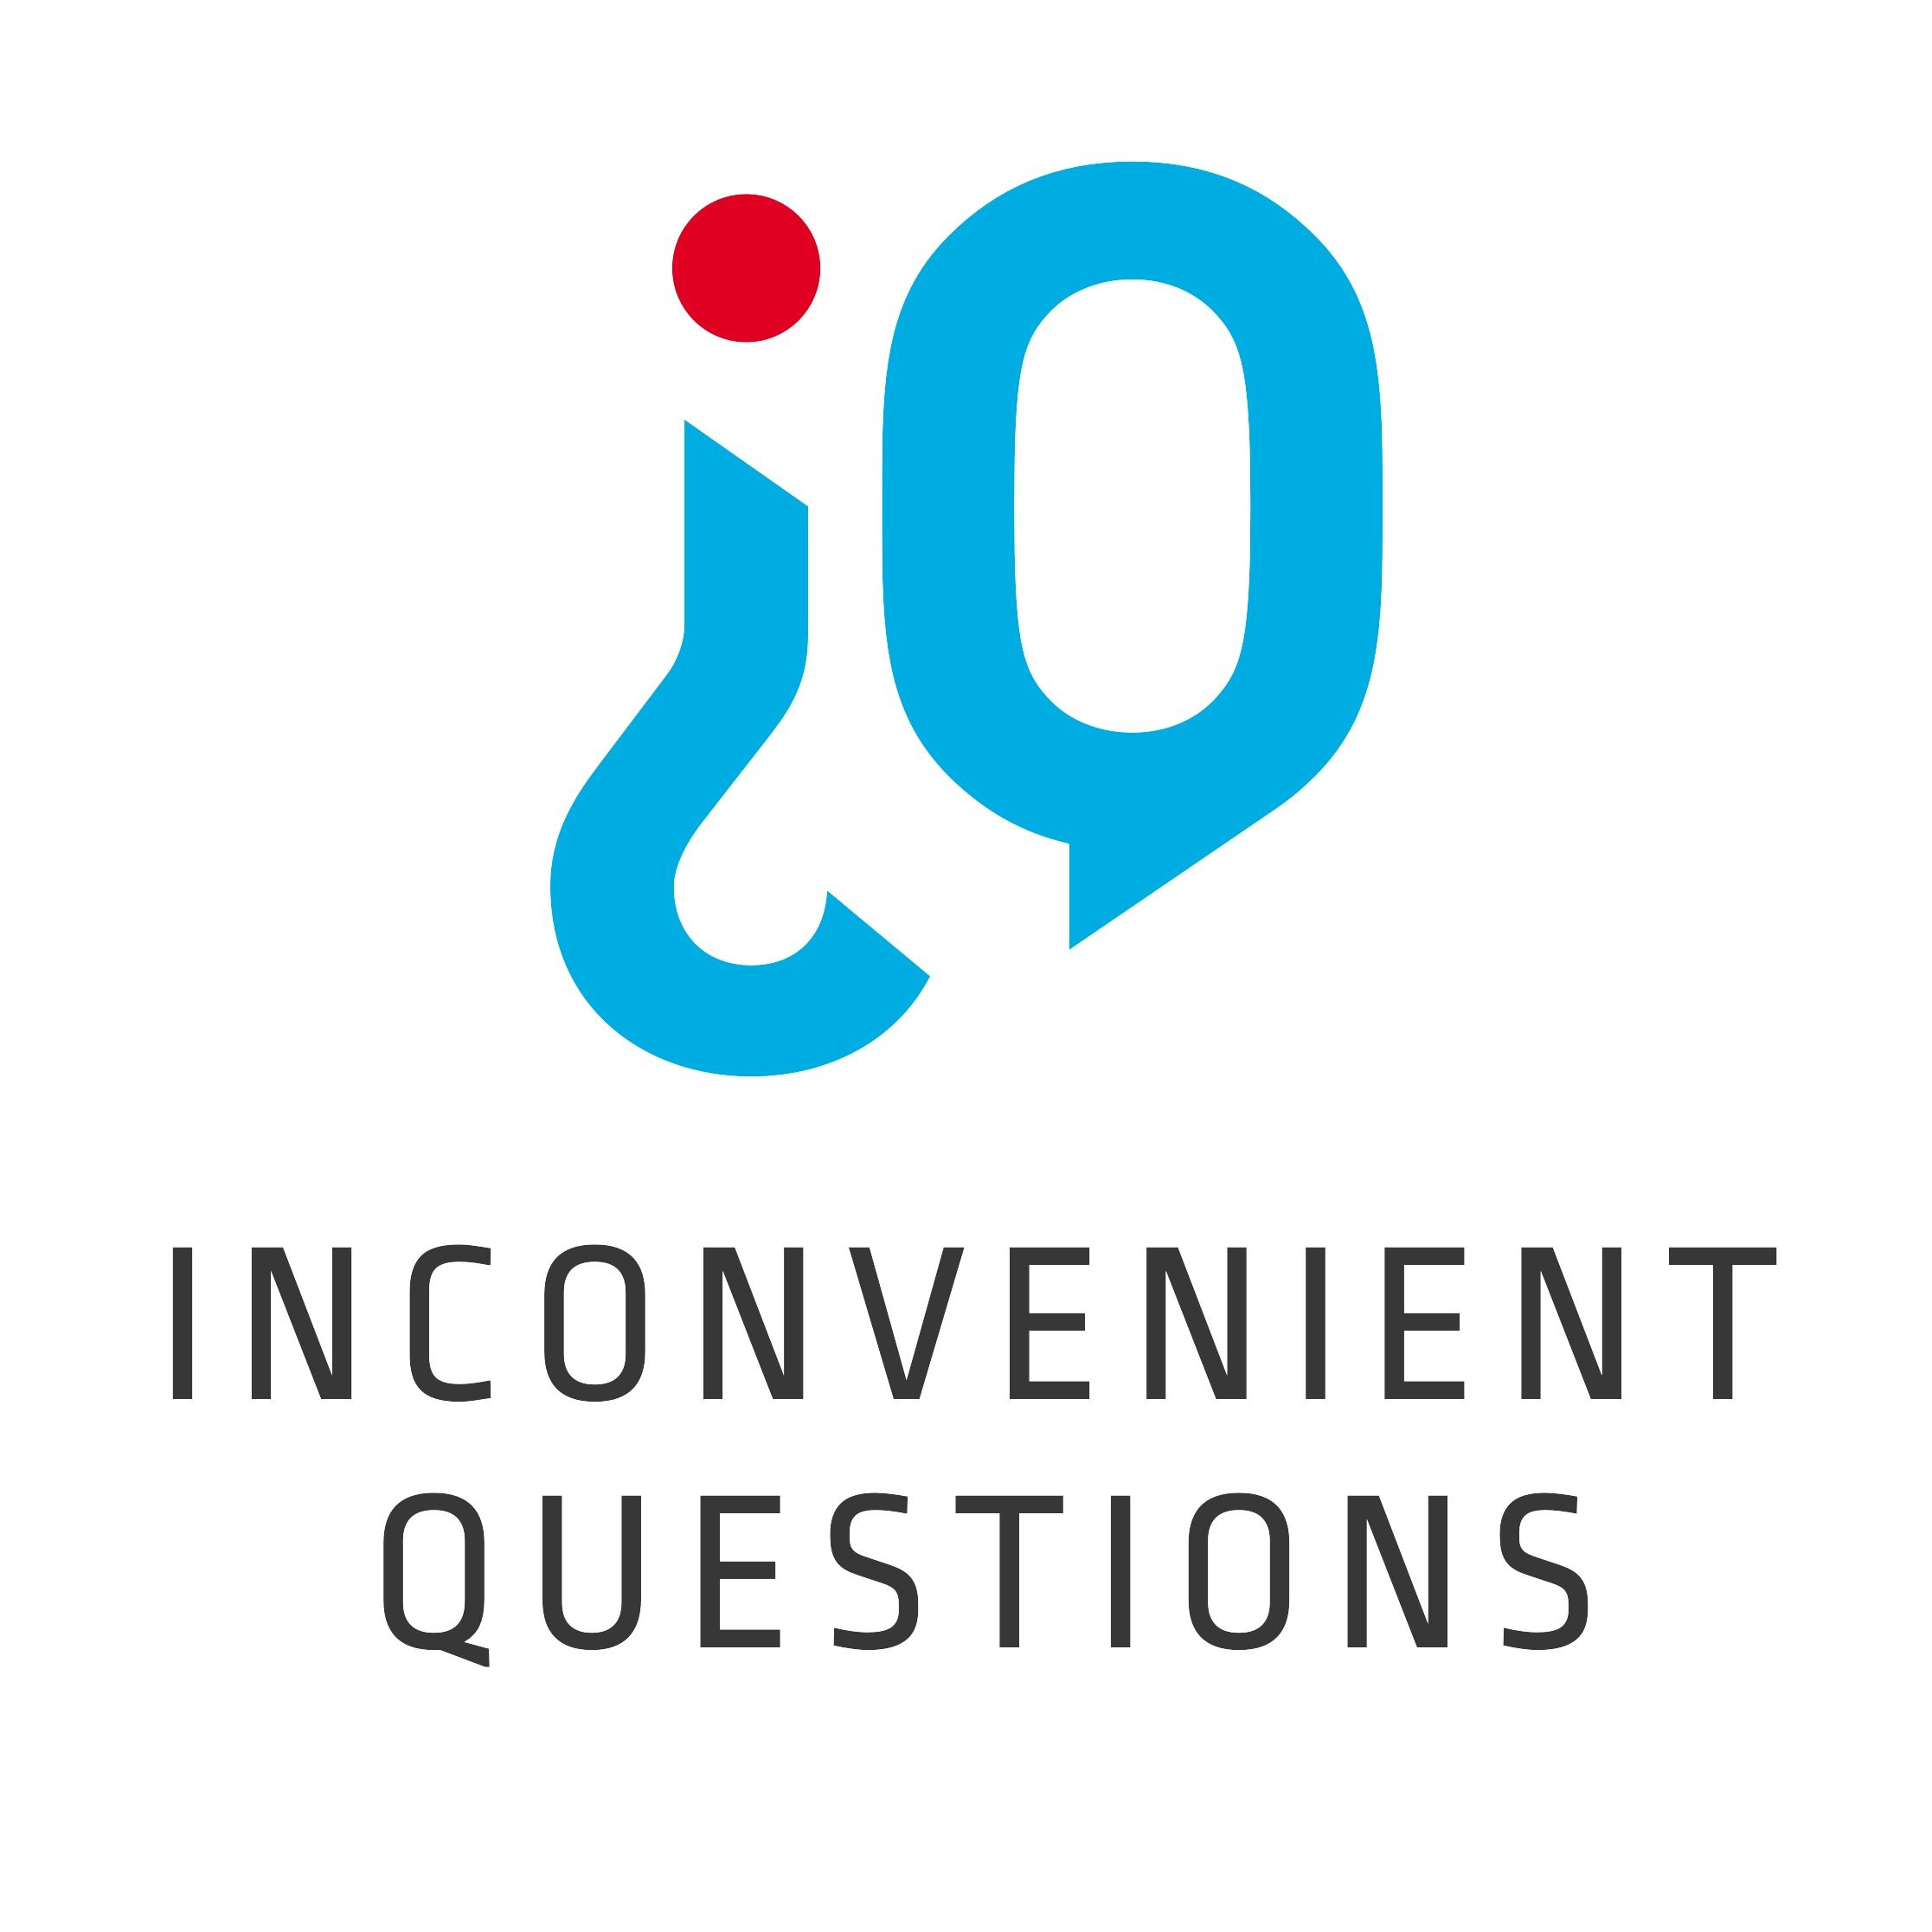 Inconvenient Questions, Singapore